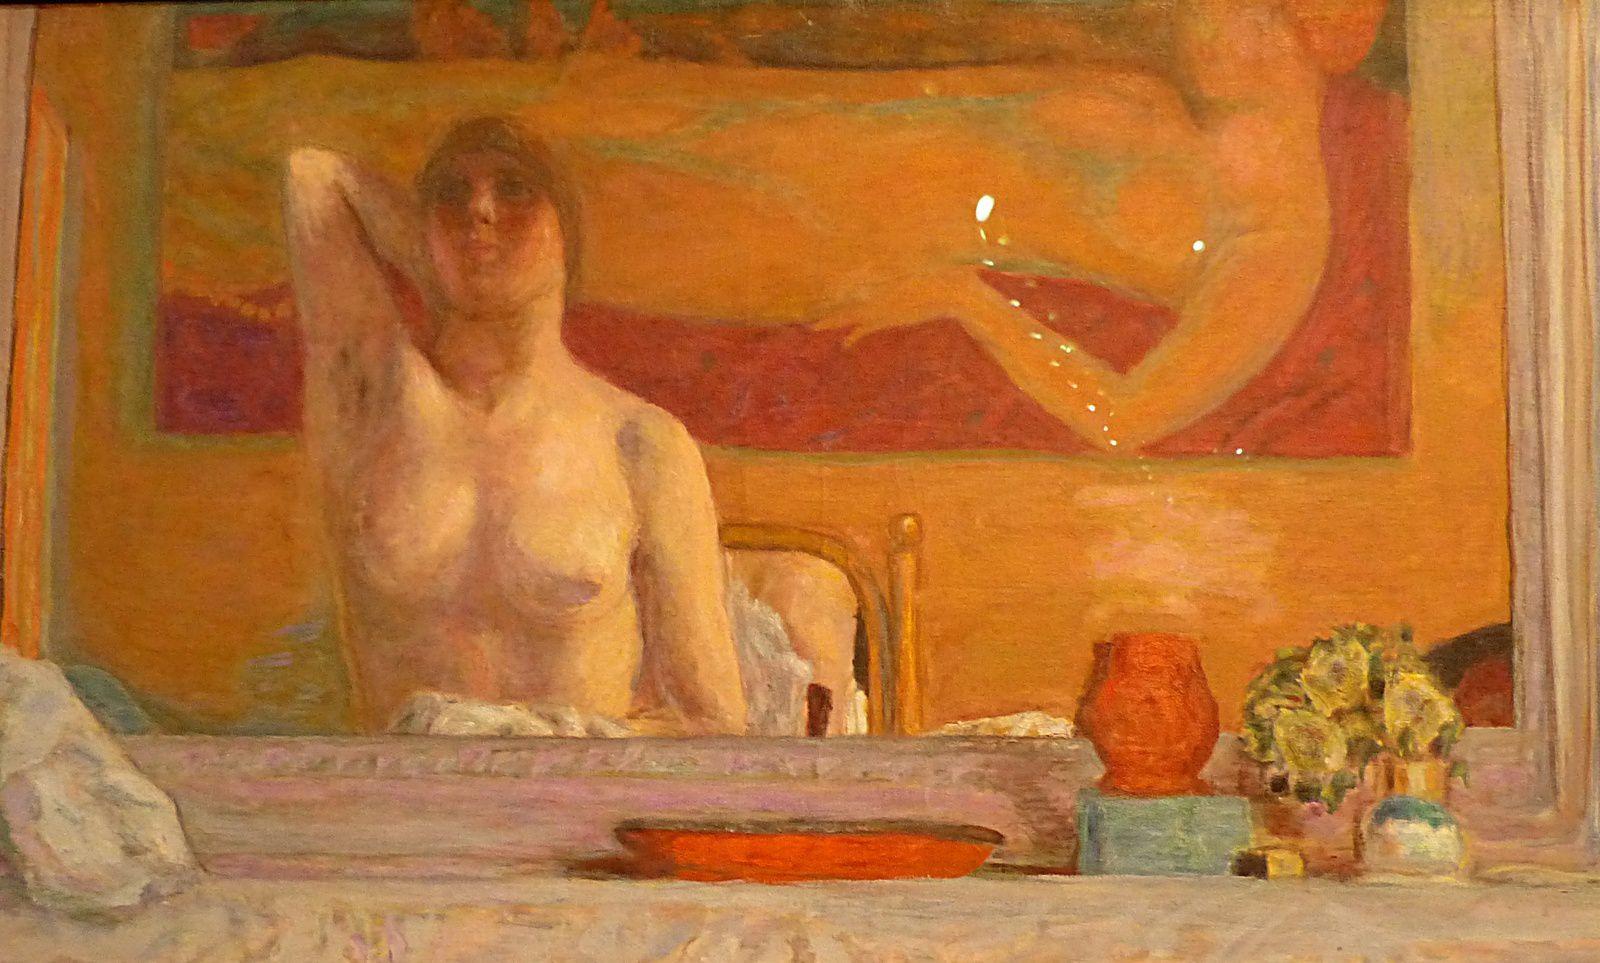 quelques toiles parmi d'autres...en ce moment au Musée d'Orsay à Paris ! Couleurs magnifiques, la beauté faite femme...